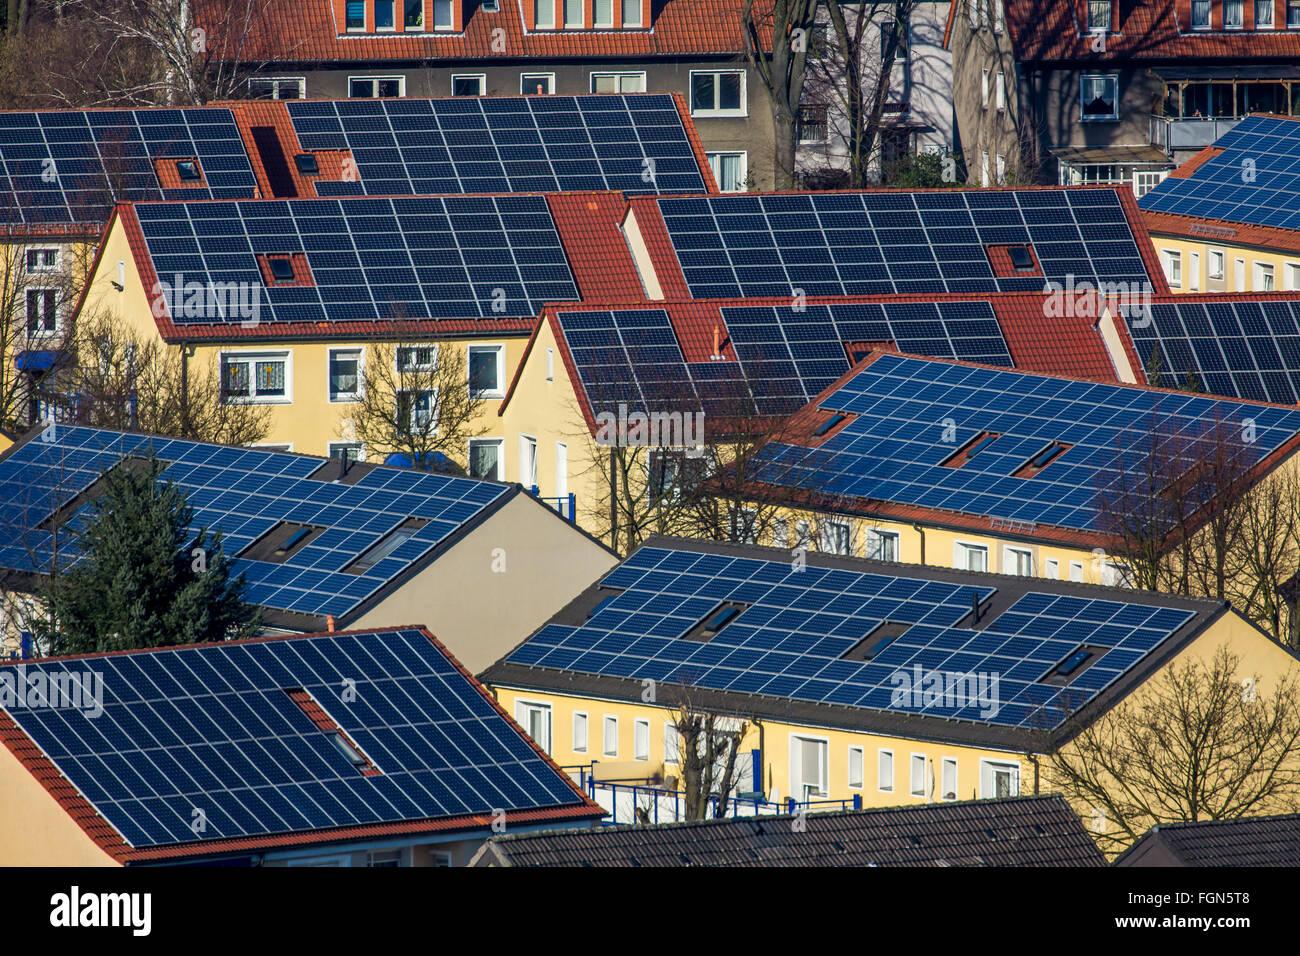 Maisons avec des panneaux solaires sur le toit, l'énergie solaire, Bottrop, Allemagne Photo Stock